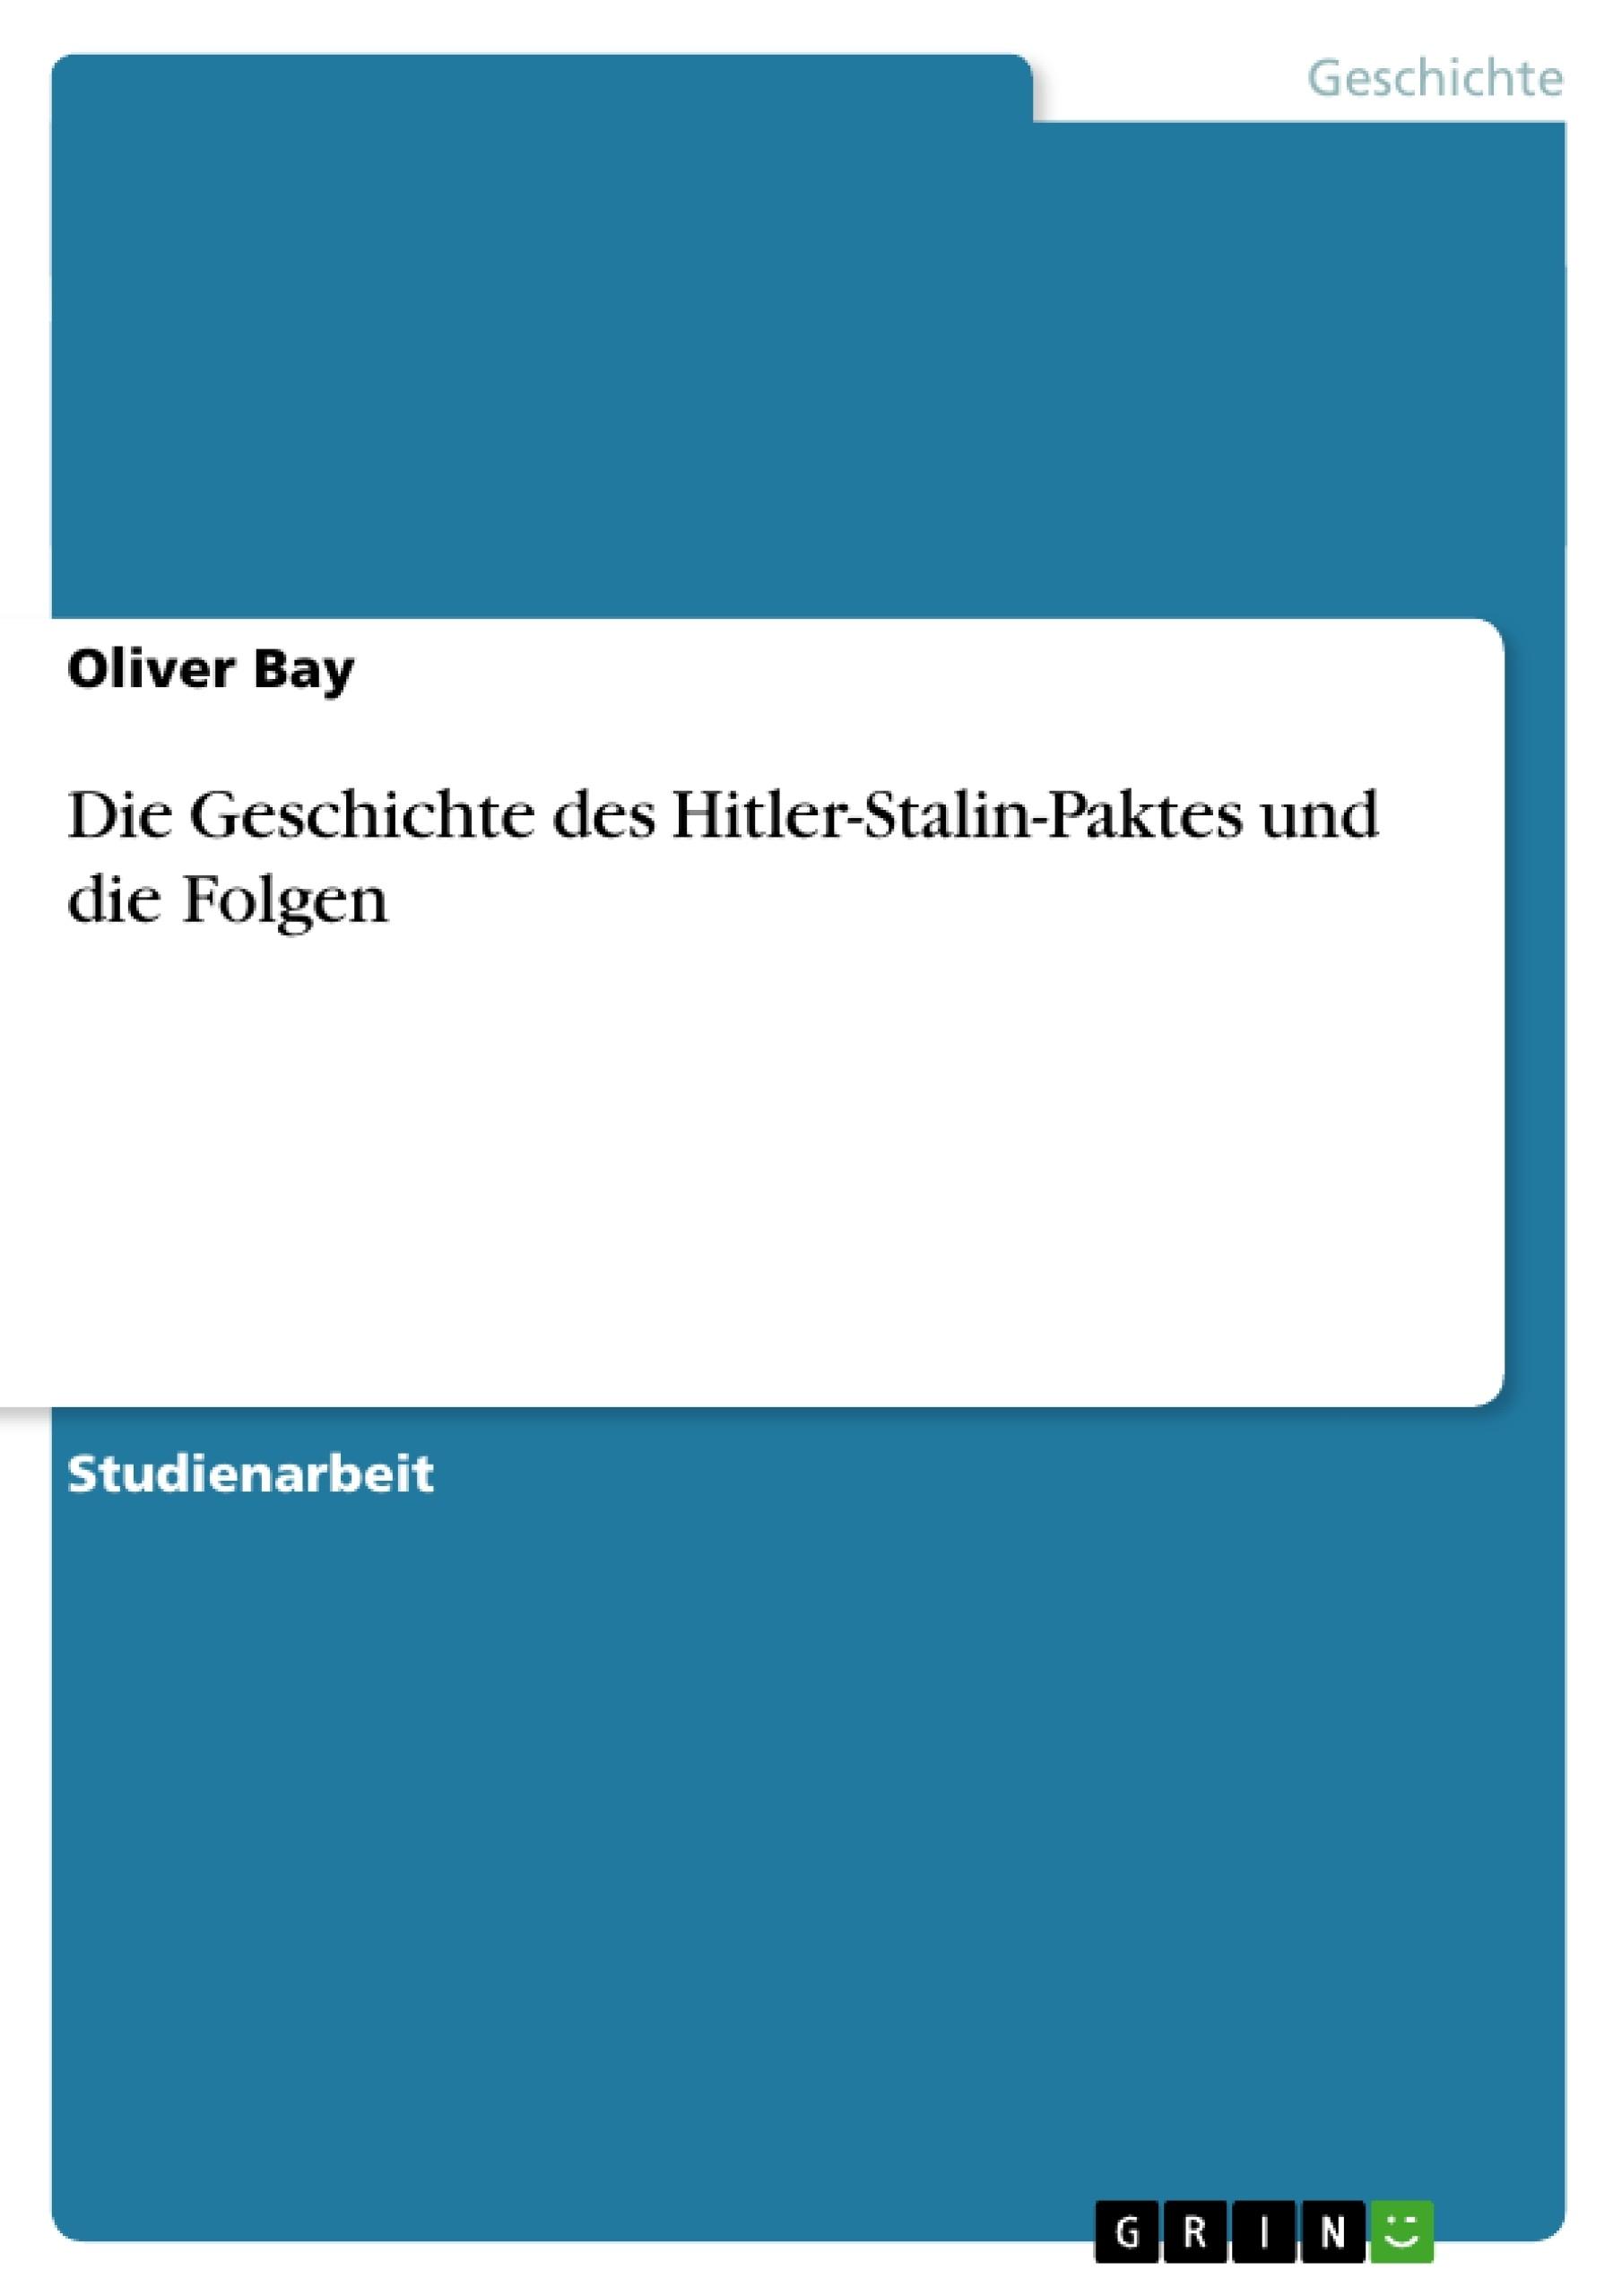 Titel: Die Geschichte des Hitler-Stalin-Paktes und die Folgen